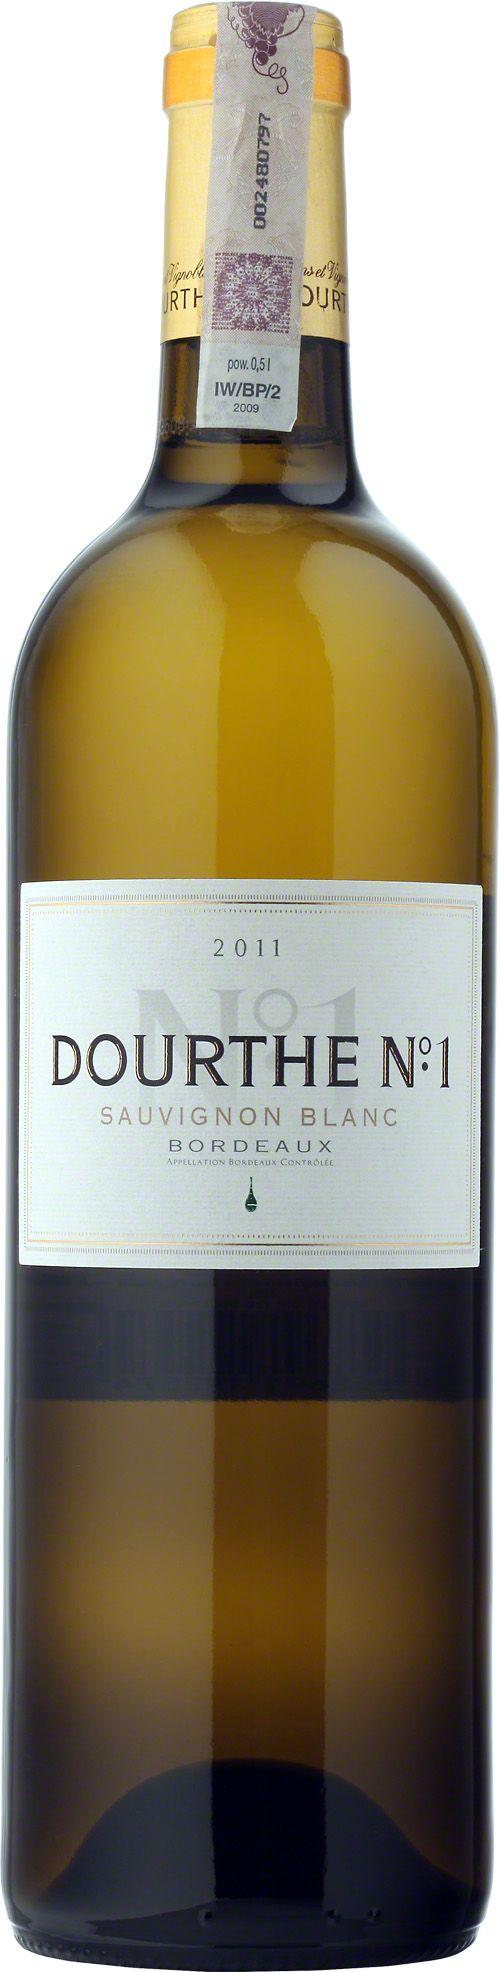 Dourthe No 1 Sauvignon Blanc Bordeaux A.O.C. W 1988 enolodzy z Dourthe po raz pierwszy zastosowali na dużą skalę metodę winifikacji opracowaną przez Denisa Dubourdieu do produkcji doskonałego, białego i wytrawnego Bordeaux. Specjalna maceracja i fermentacja w niskiej temperaturze zapewniają charakterystyczny aromat sauvignon, a także nadają winu strukturę i długość. Dzięki półrocznemu dojrzewaniu na osadzie bukiet nabiera harmonii, finezji i mocy. #Wino #Bordeaux #SauvignonBlanc #Winezja